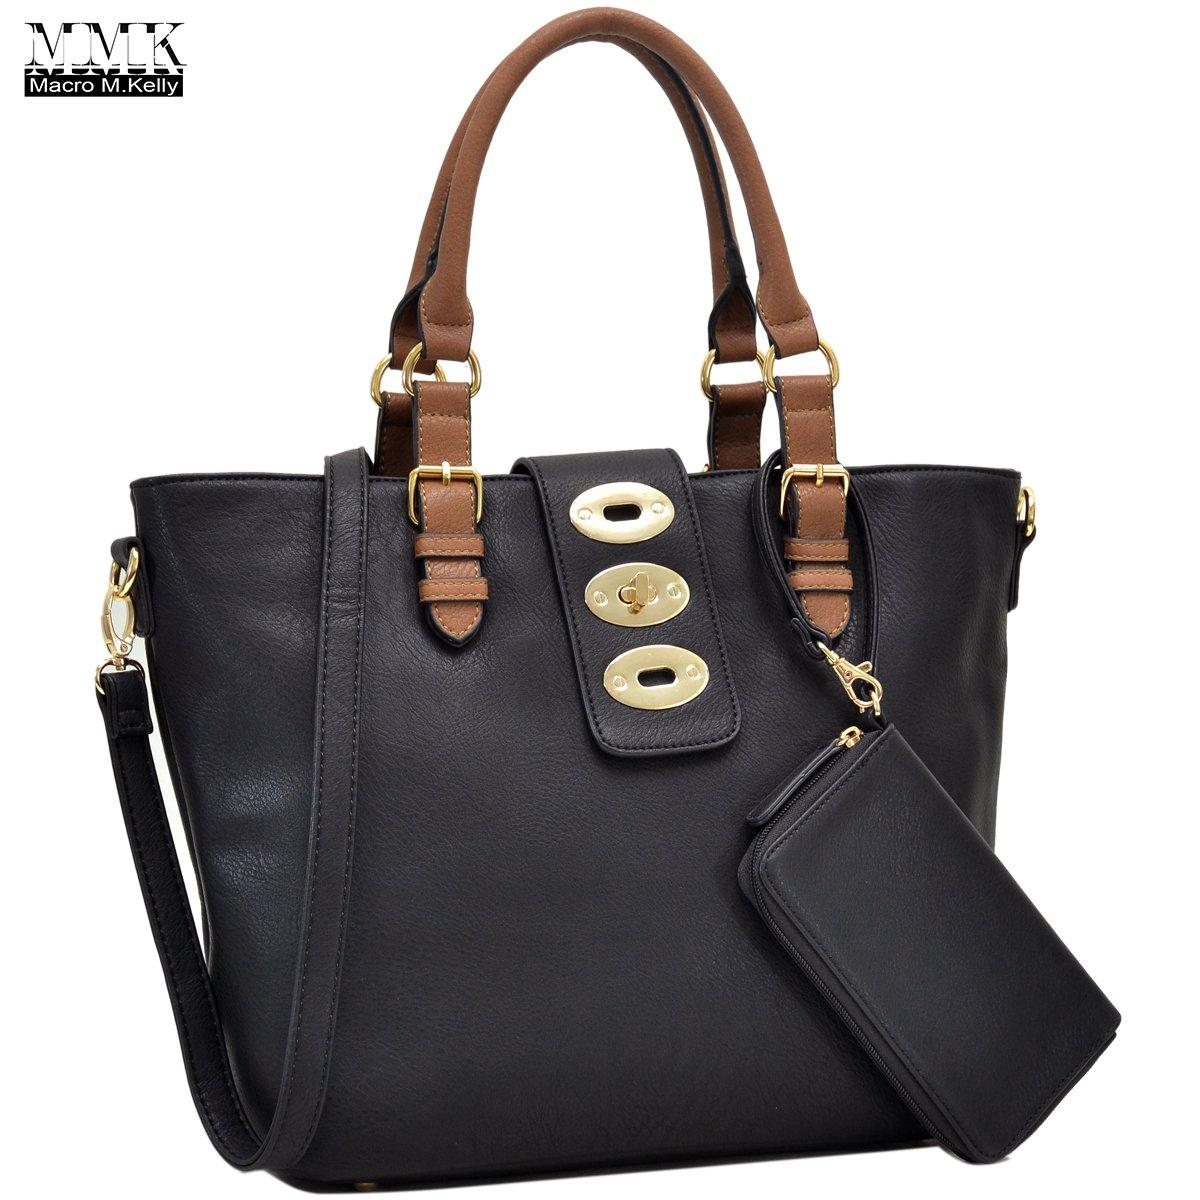 MMK collection Fashion handbag~Classic Tote bag~Holiday gift purse with Wallet~Beautiful Handbag wallet set~Crossbody handbag (MA-07-6717-BK/CF) by Marco M. Kelly (Image #1)